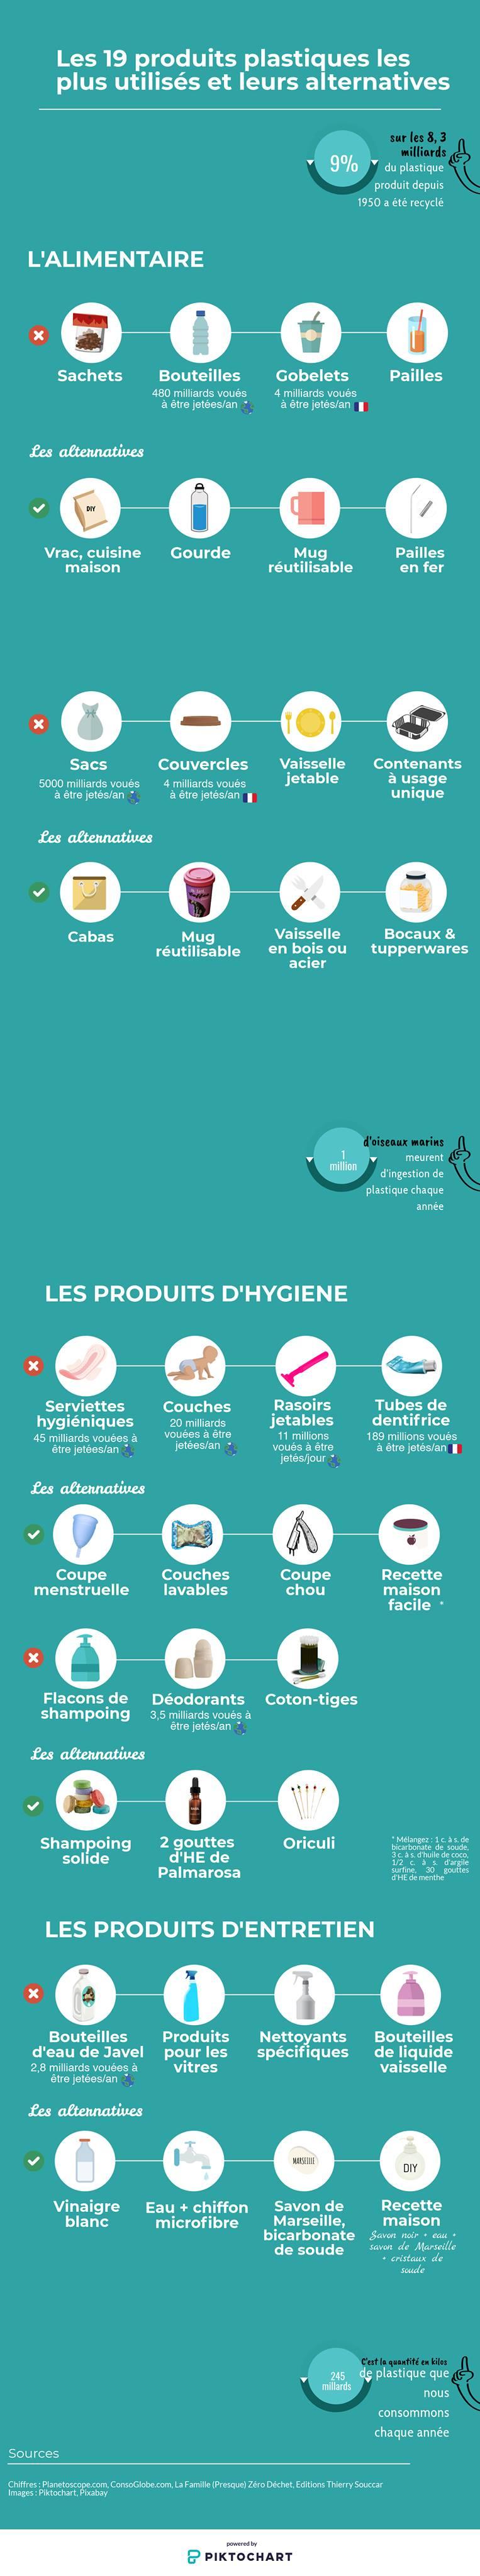 infographie sur la pollution plastique et les alternatives par Encelade Media Group